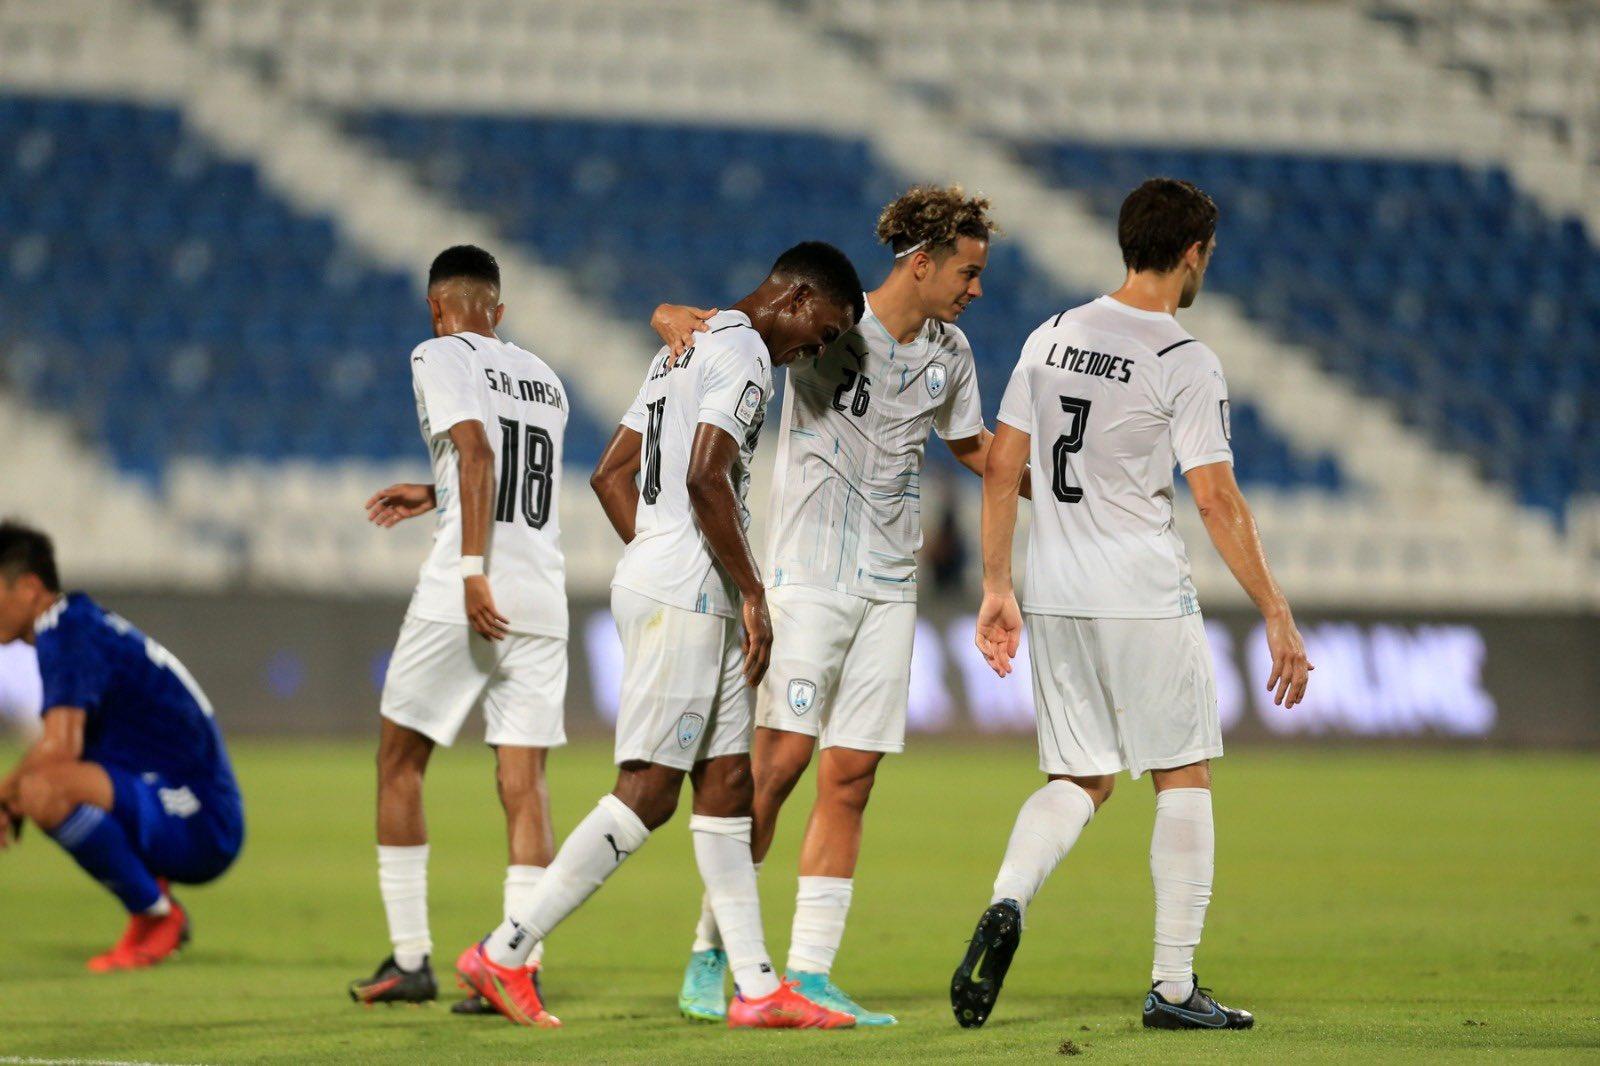 QNB Stars League: Al Wakrah 2-1 Al Khor